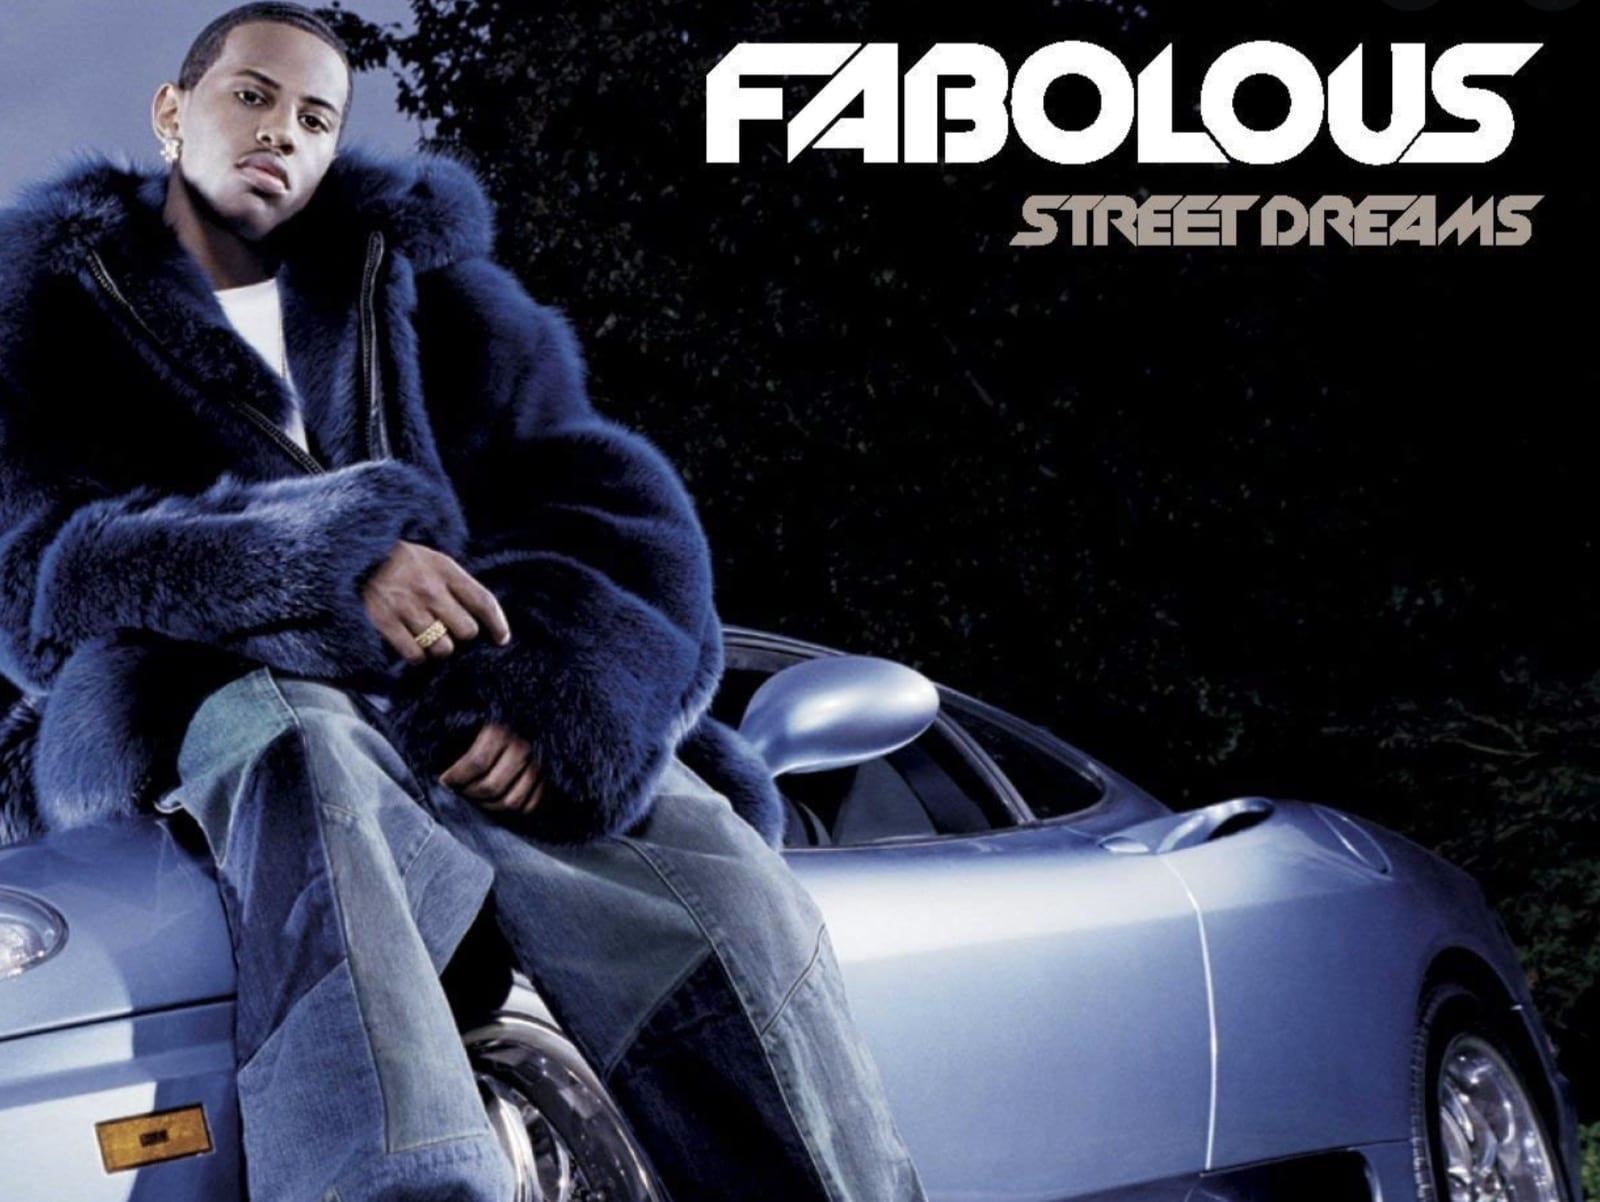 Fabolous Street Dreams Cover Art